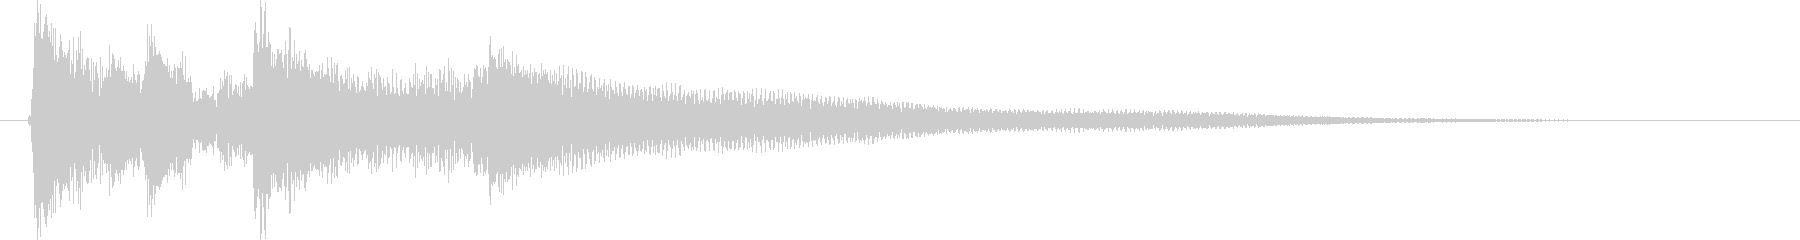 アコギ、爽やかなサウンドロゴ・ジングルの未再生の波形